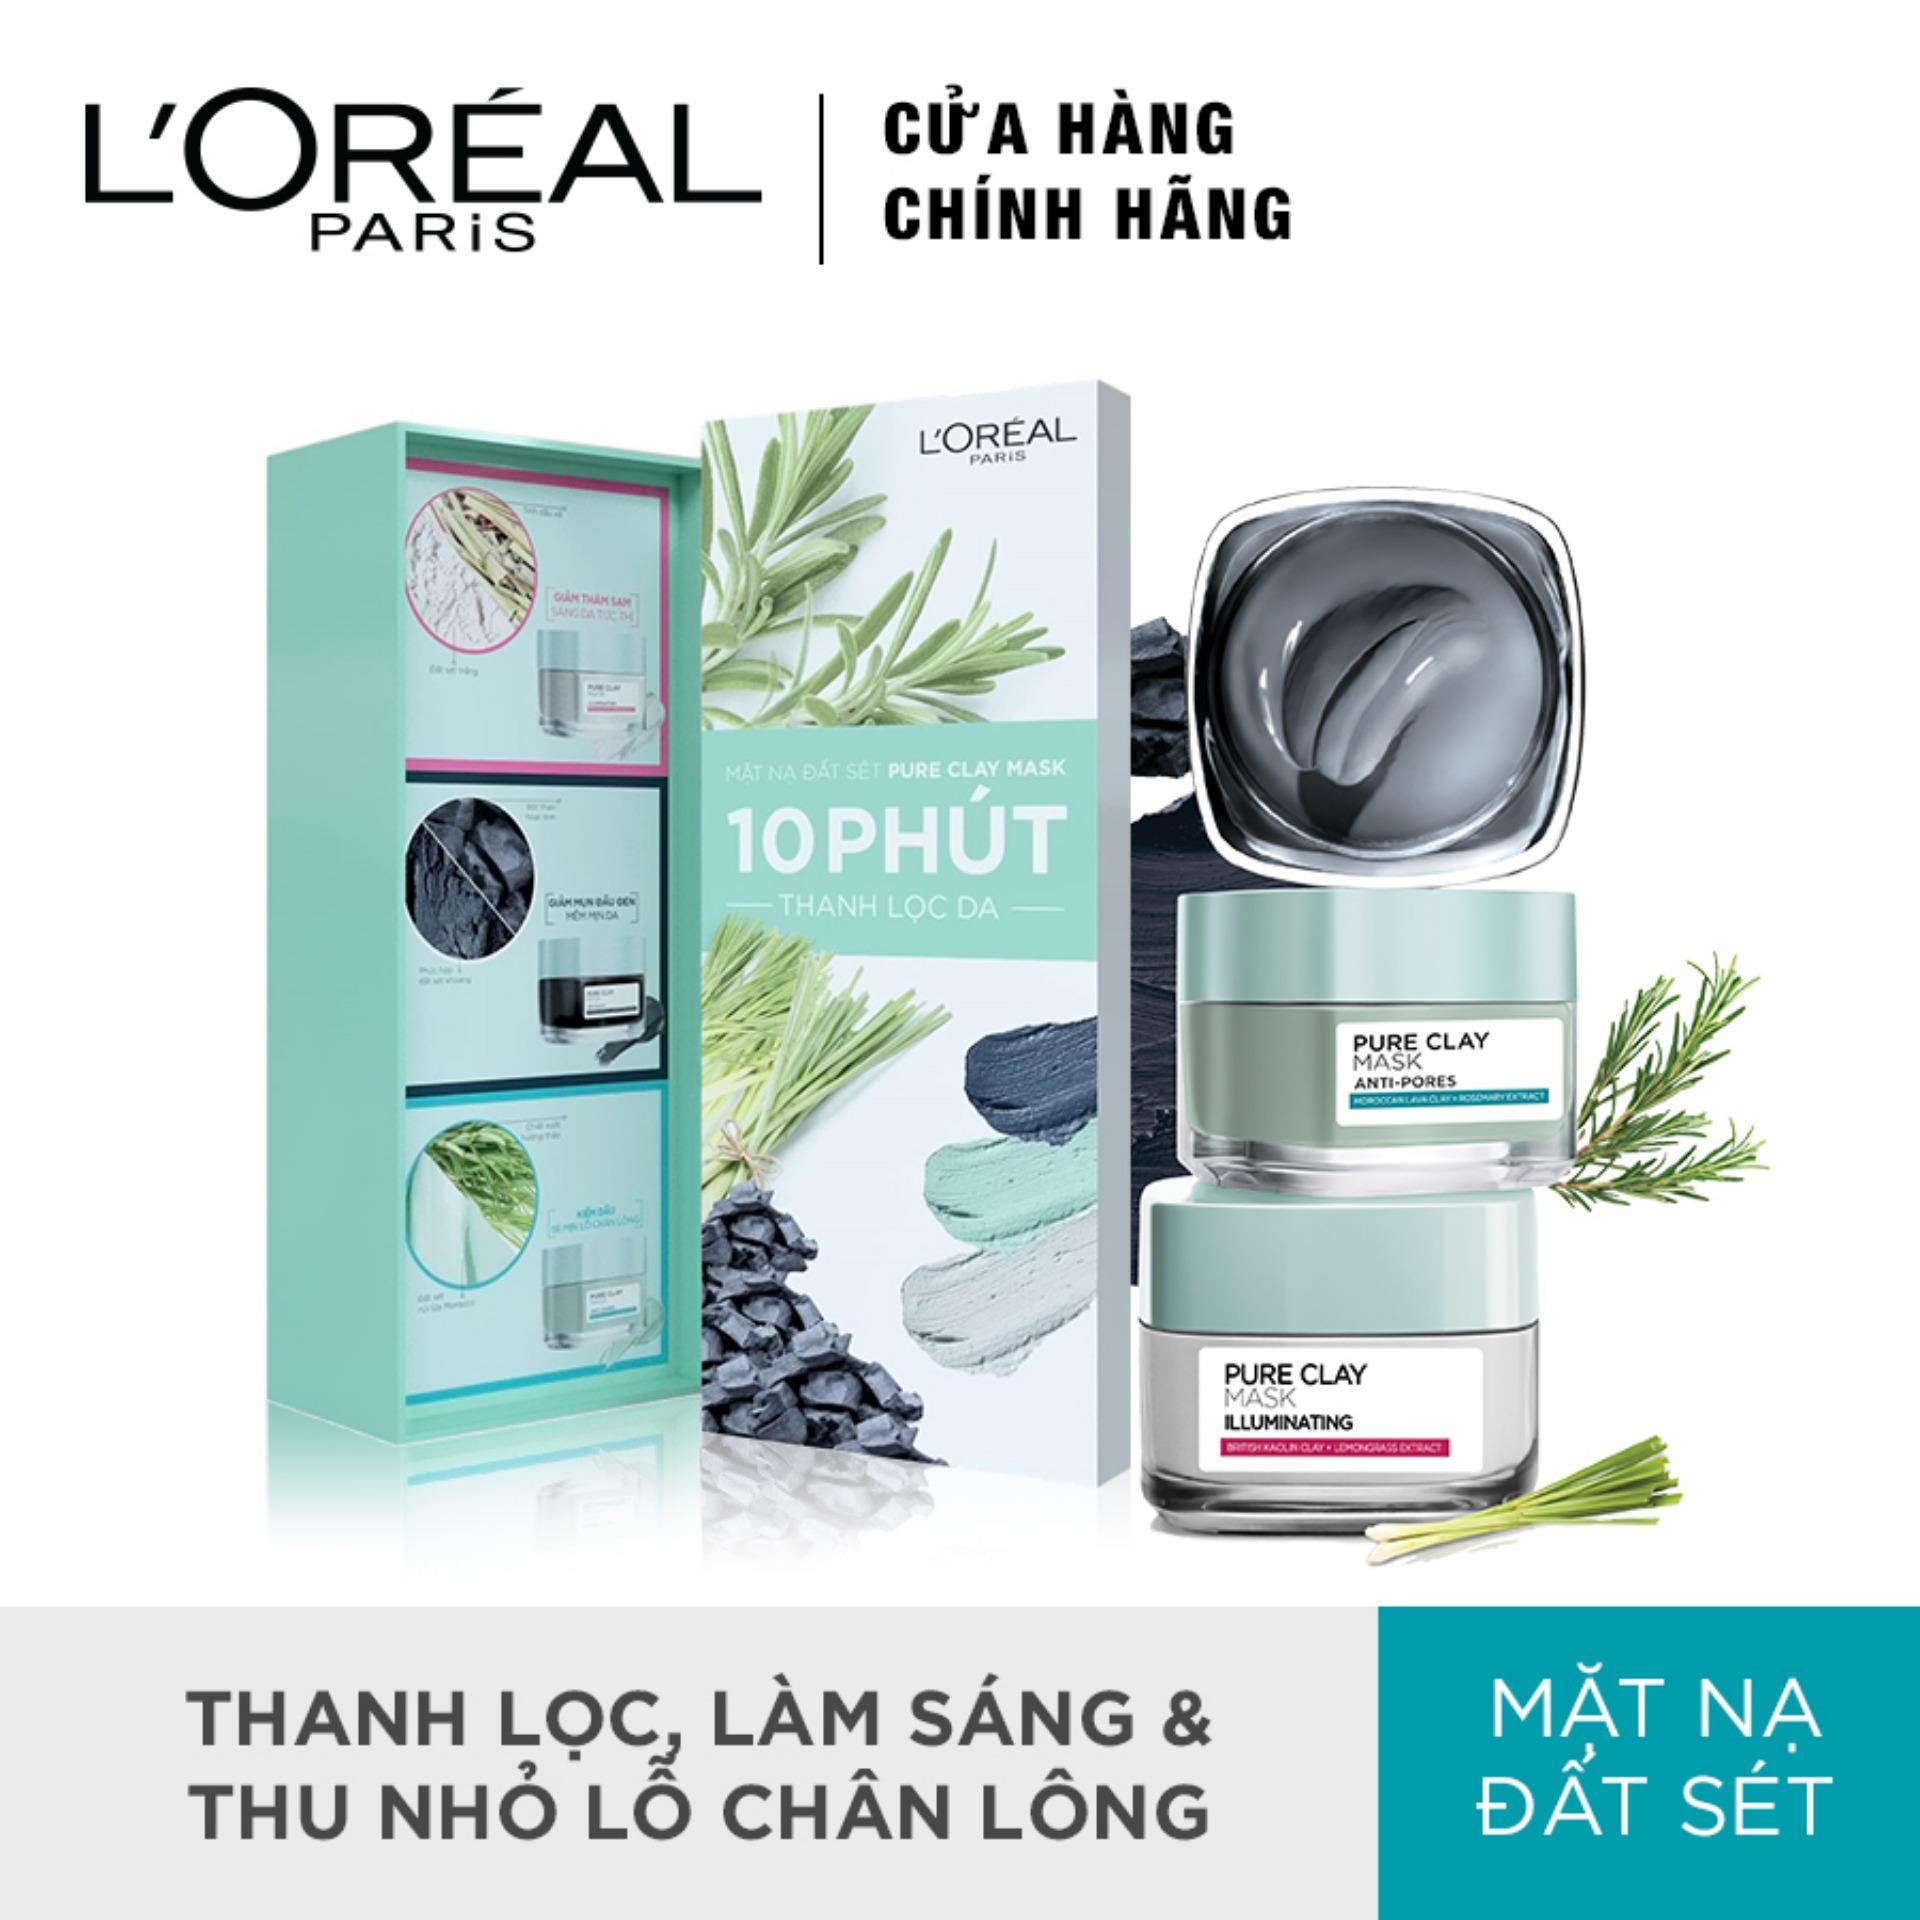 Bộ 3 mặt nạ đất sét thanh lọc - trắng mịn - thu nhỏ lỗ chân lông da LOreal Paris Pure Clay Mask nhập khẩu